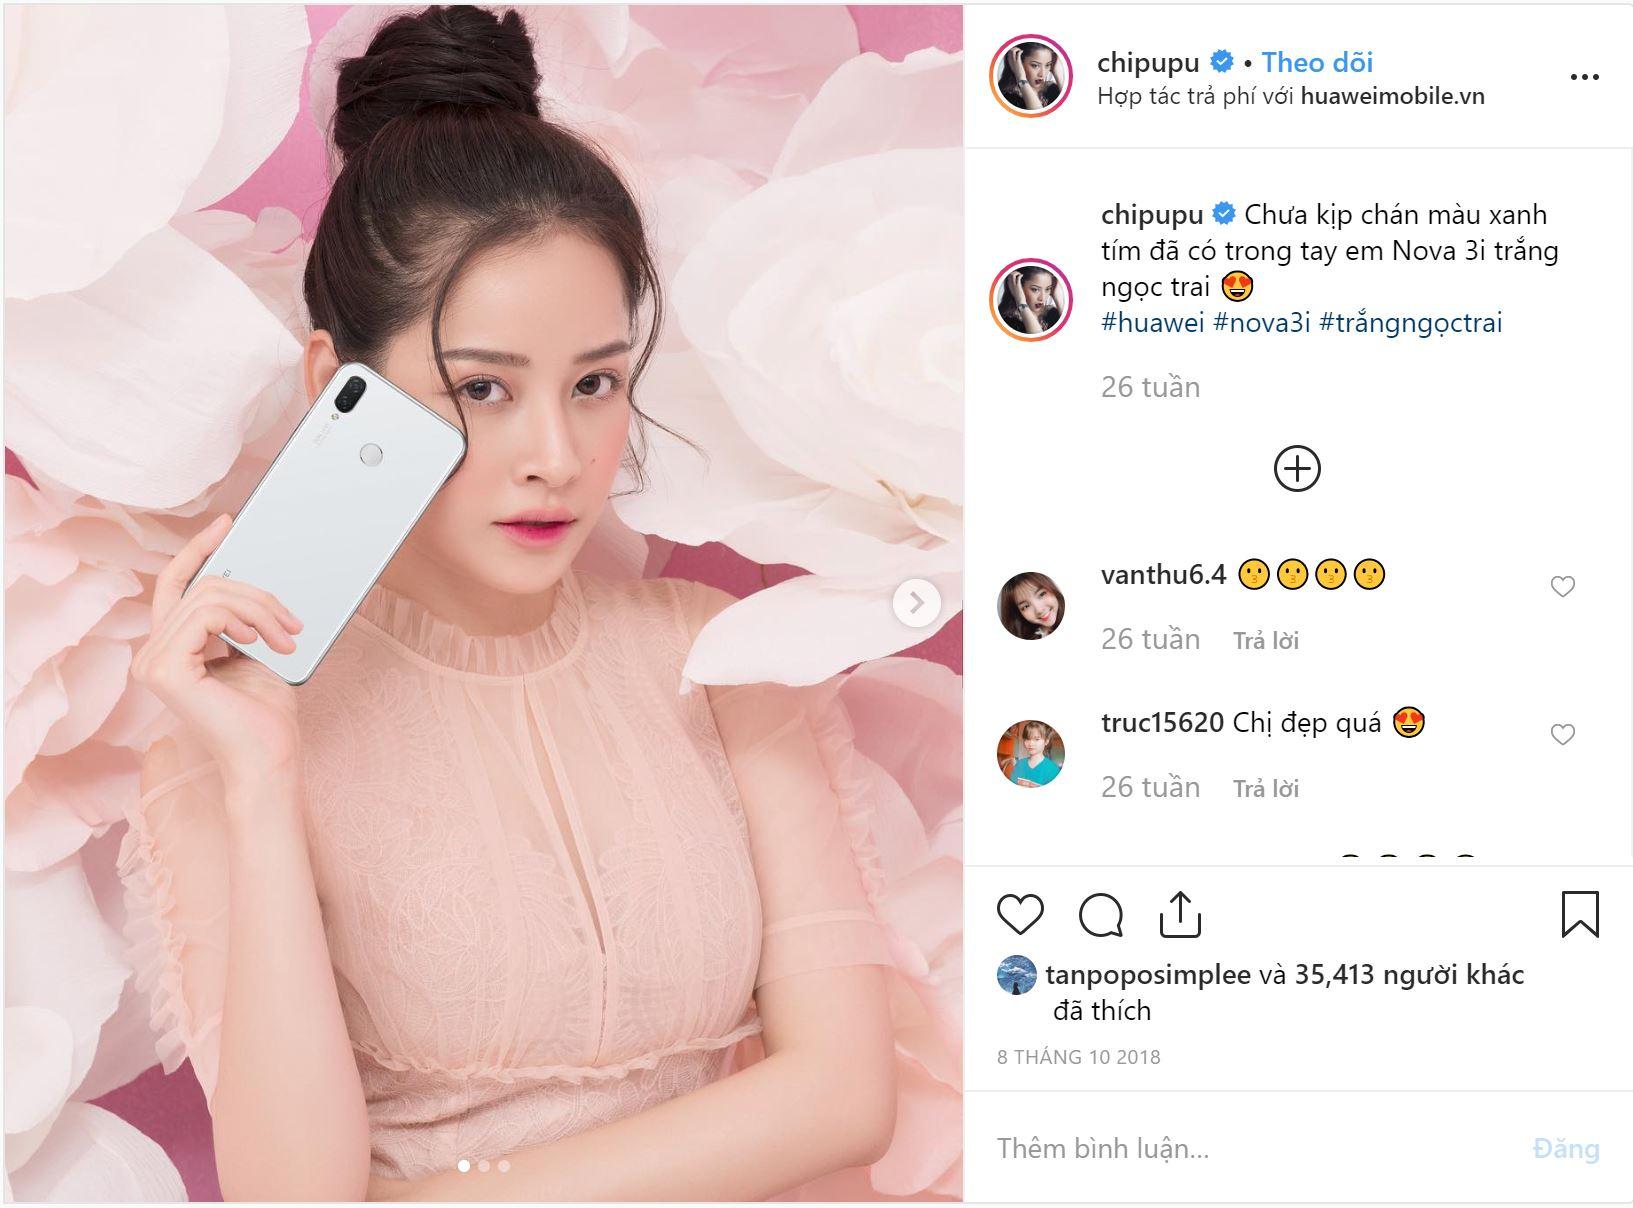 KOL/Influencer Việt kiếm tiền bằng những cách nào?